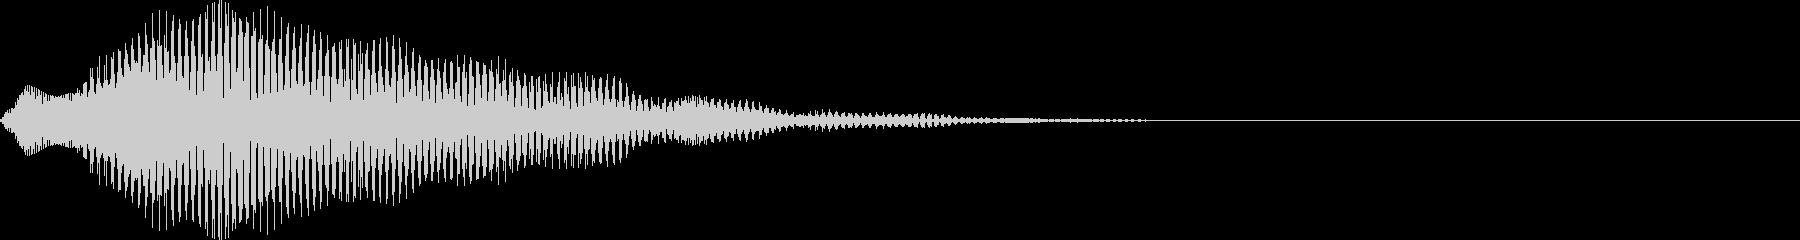 空気感・透明感・決定音・選択音の未再生の波形